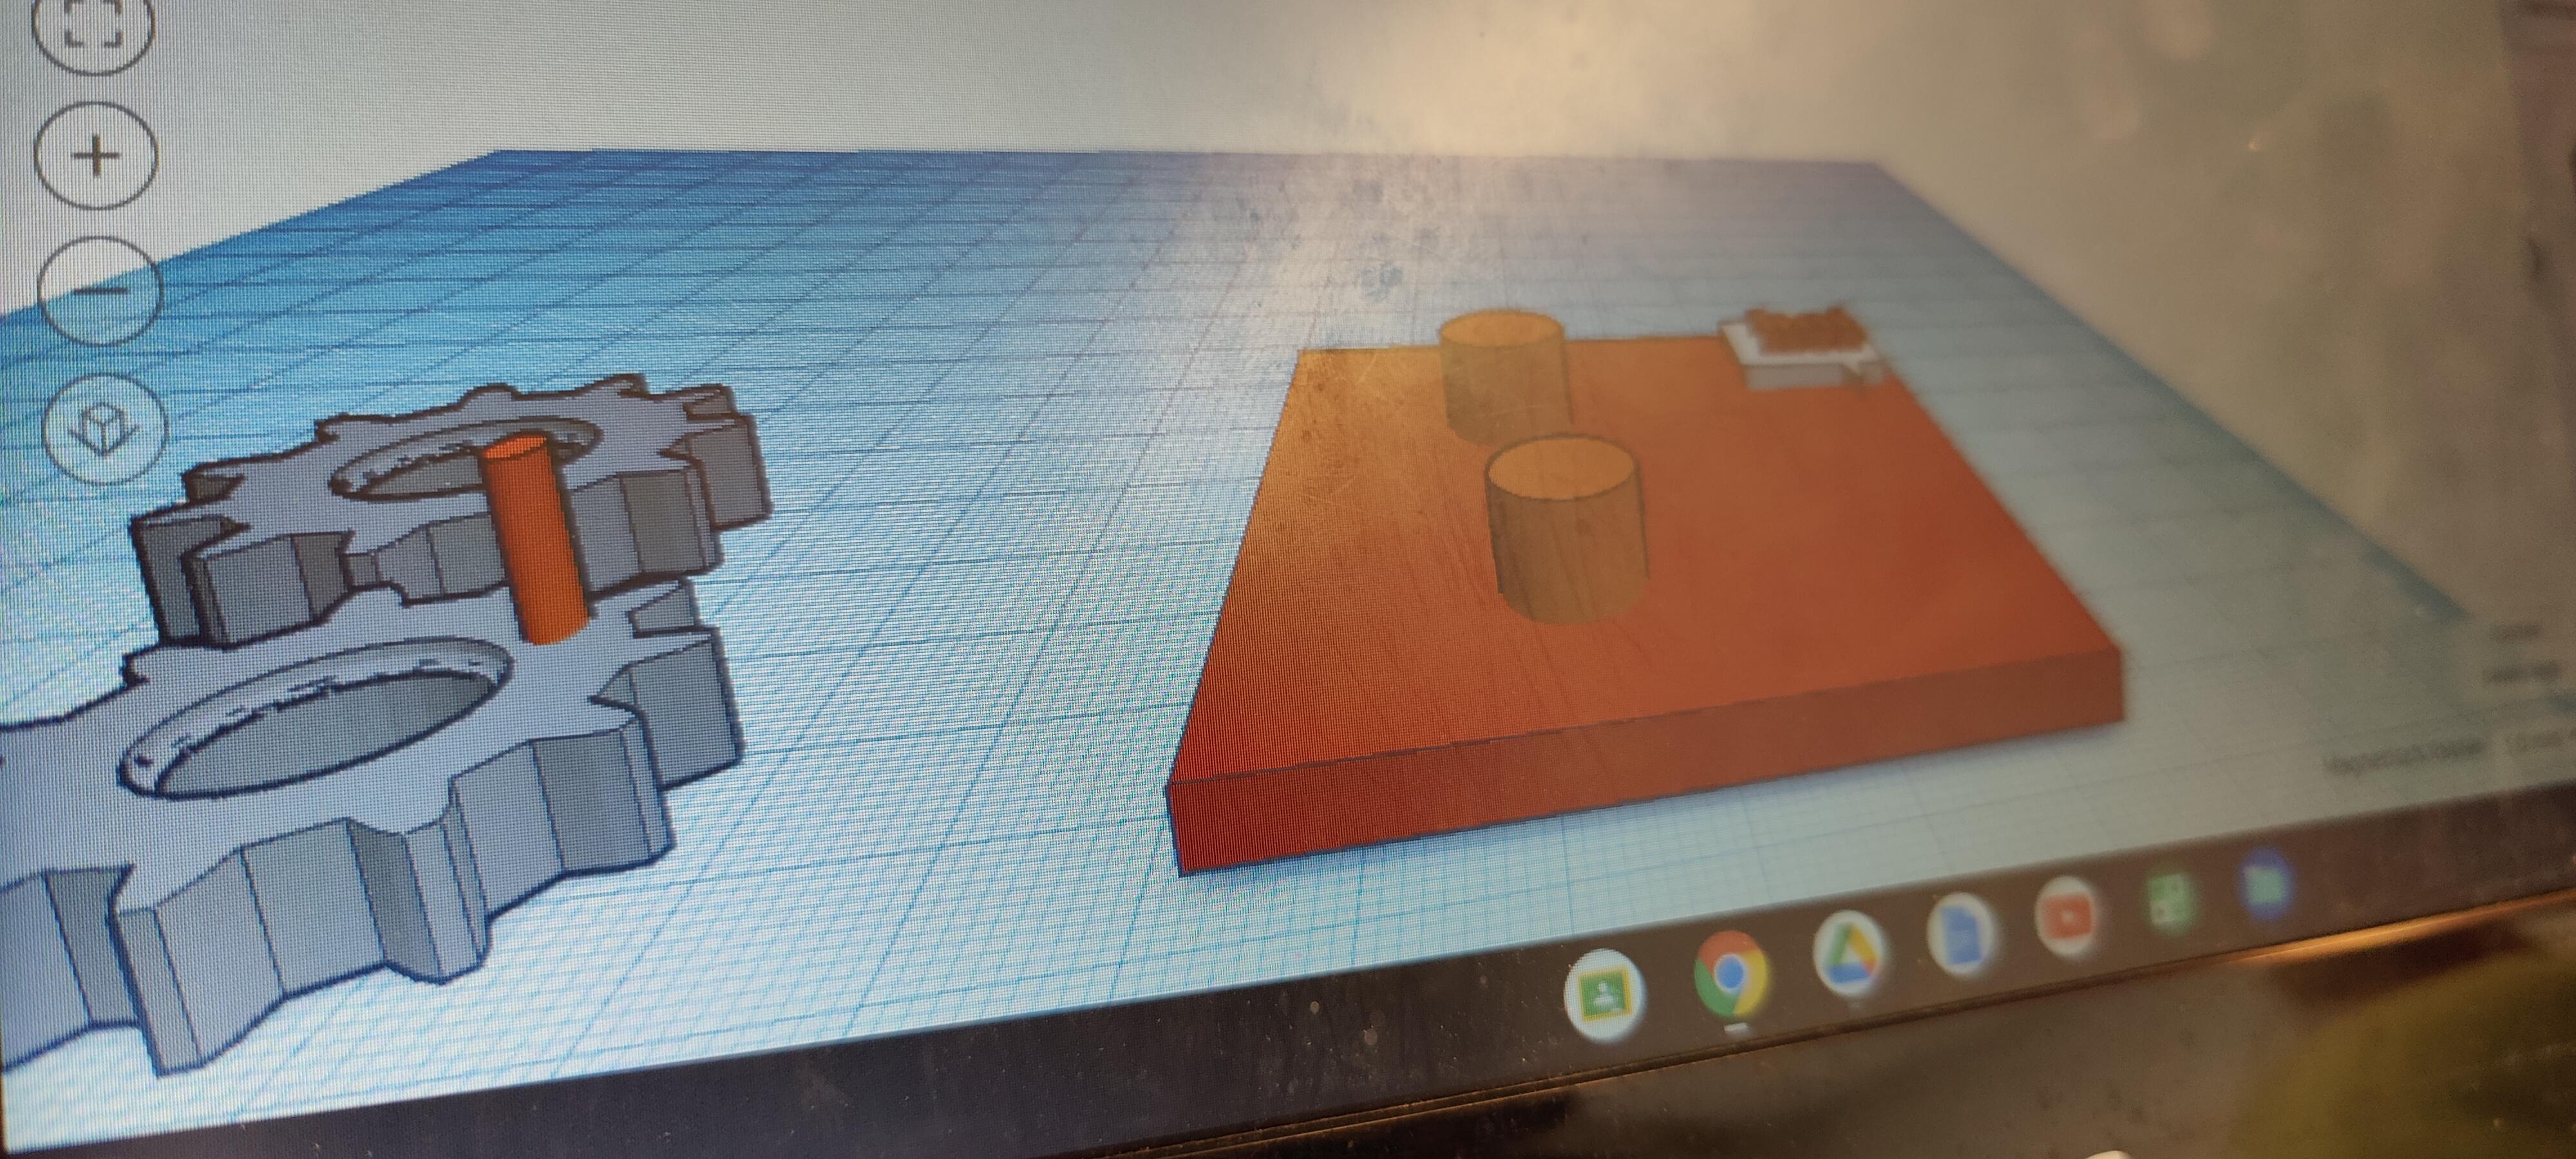 Lessenserie – 3D ontwerpen in TinkerCad en 3D printen met de Prusa Mini